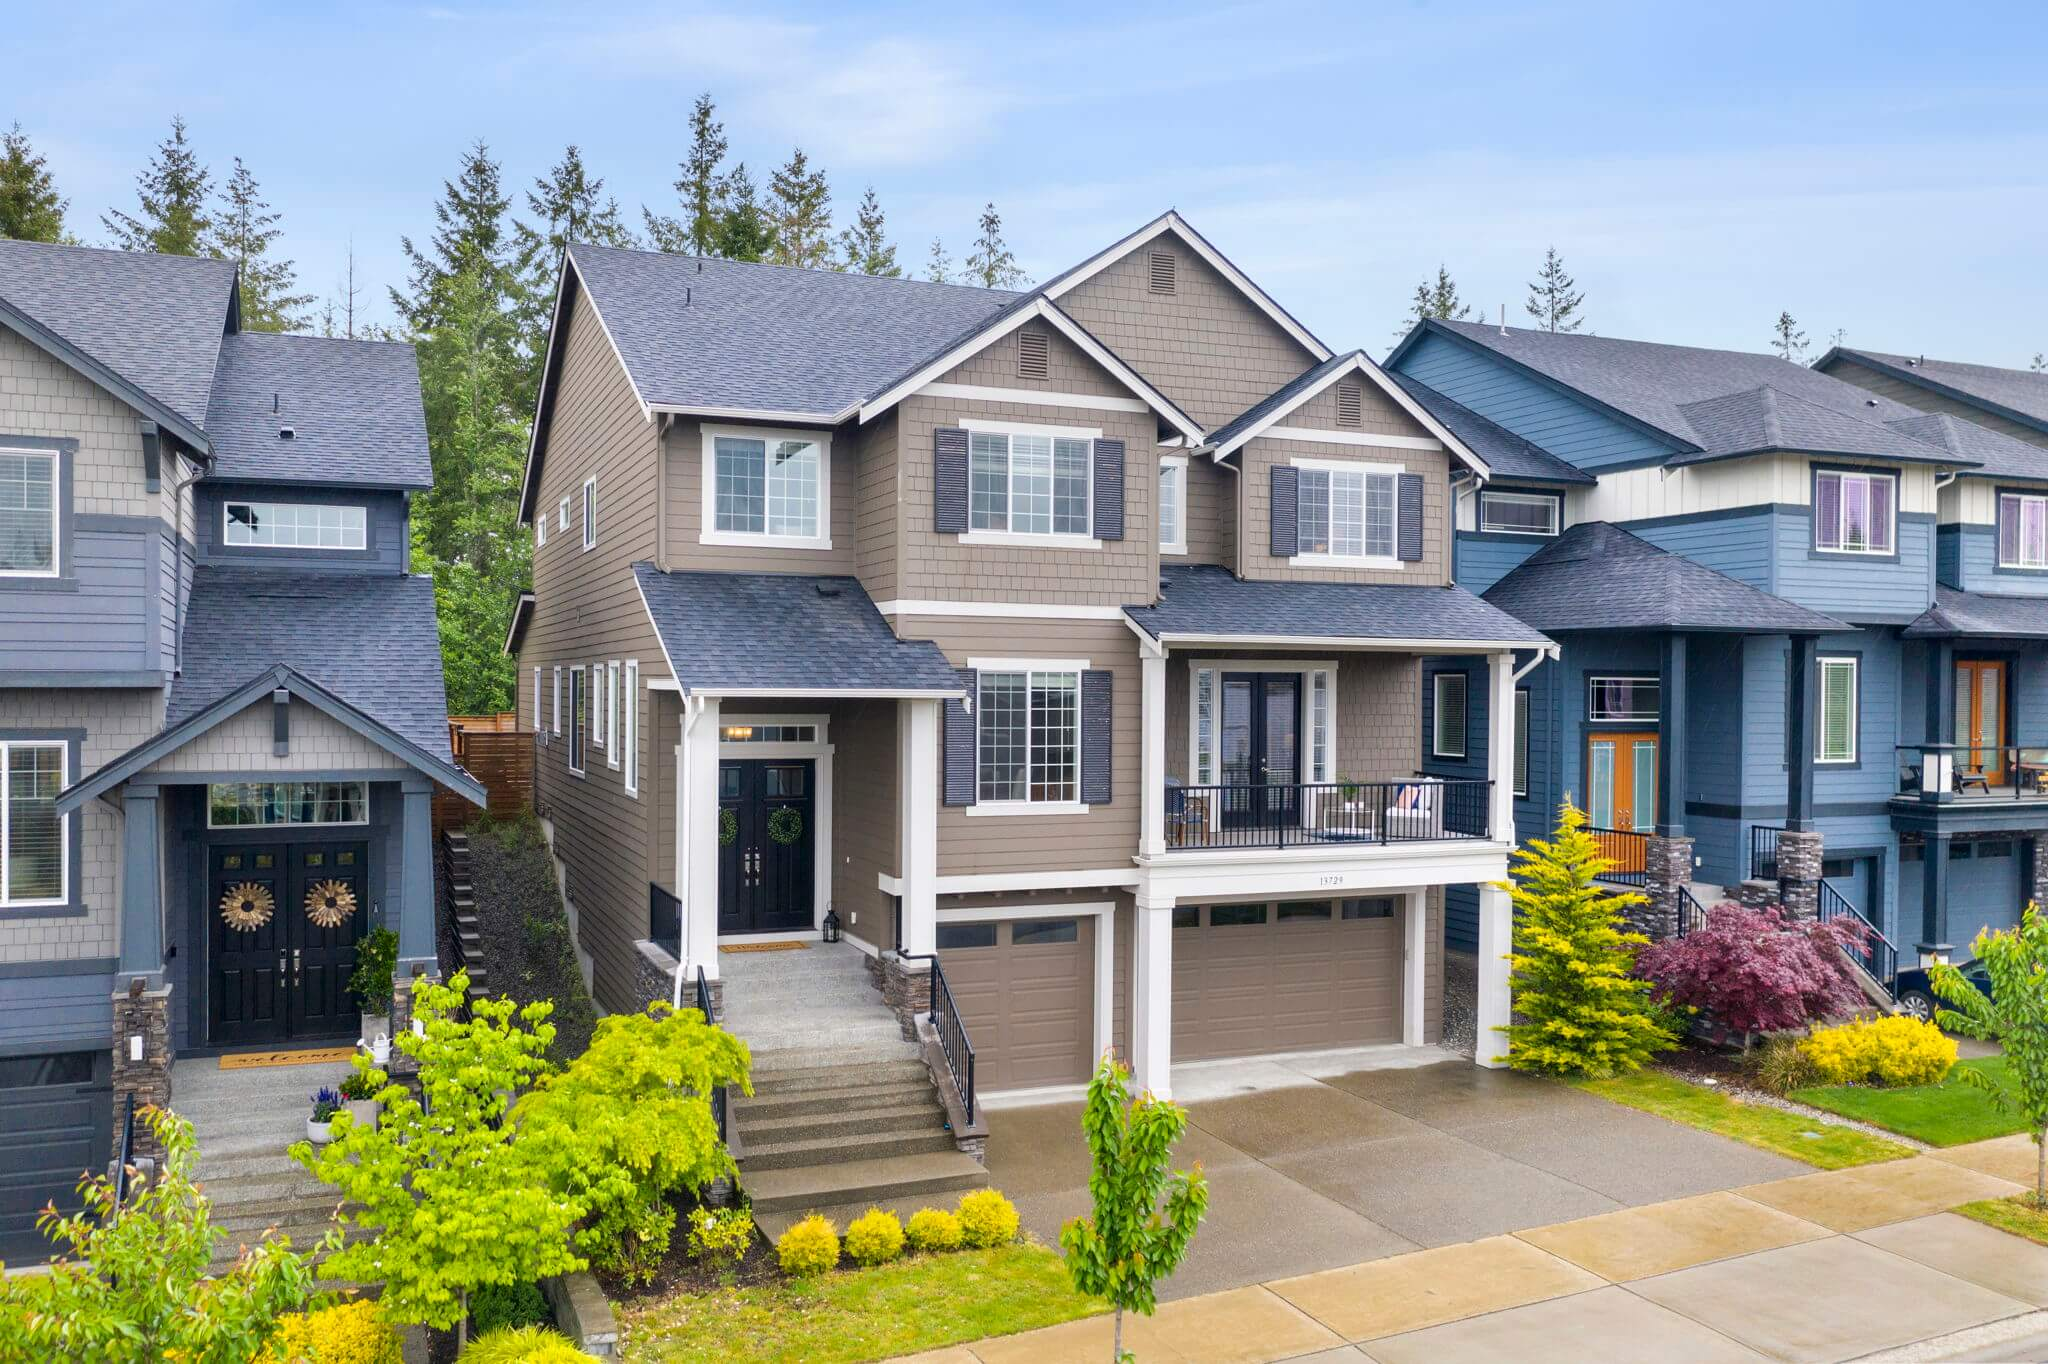 2017 Azure Northwest resale - Tamarack floorplan with $146K in upgrades